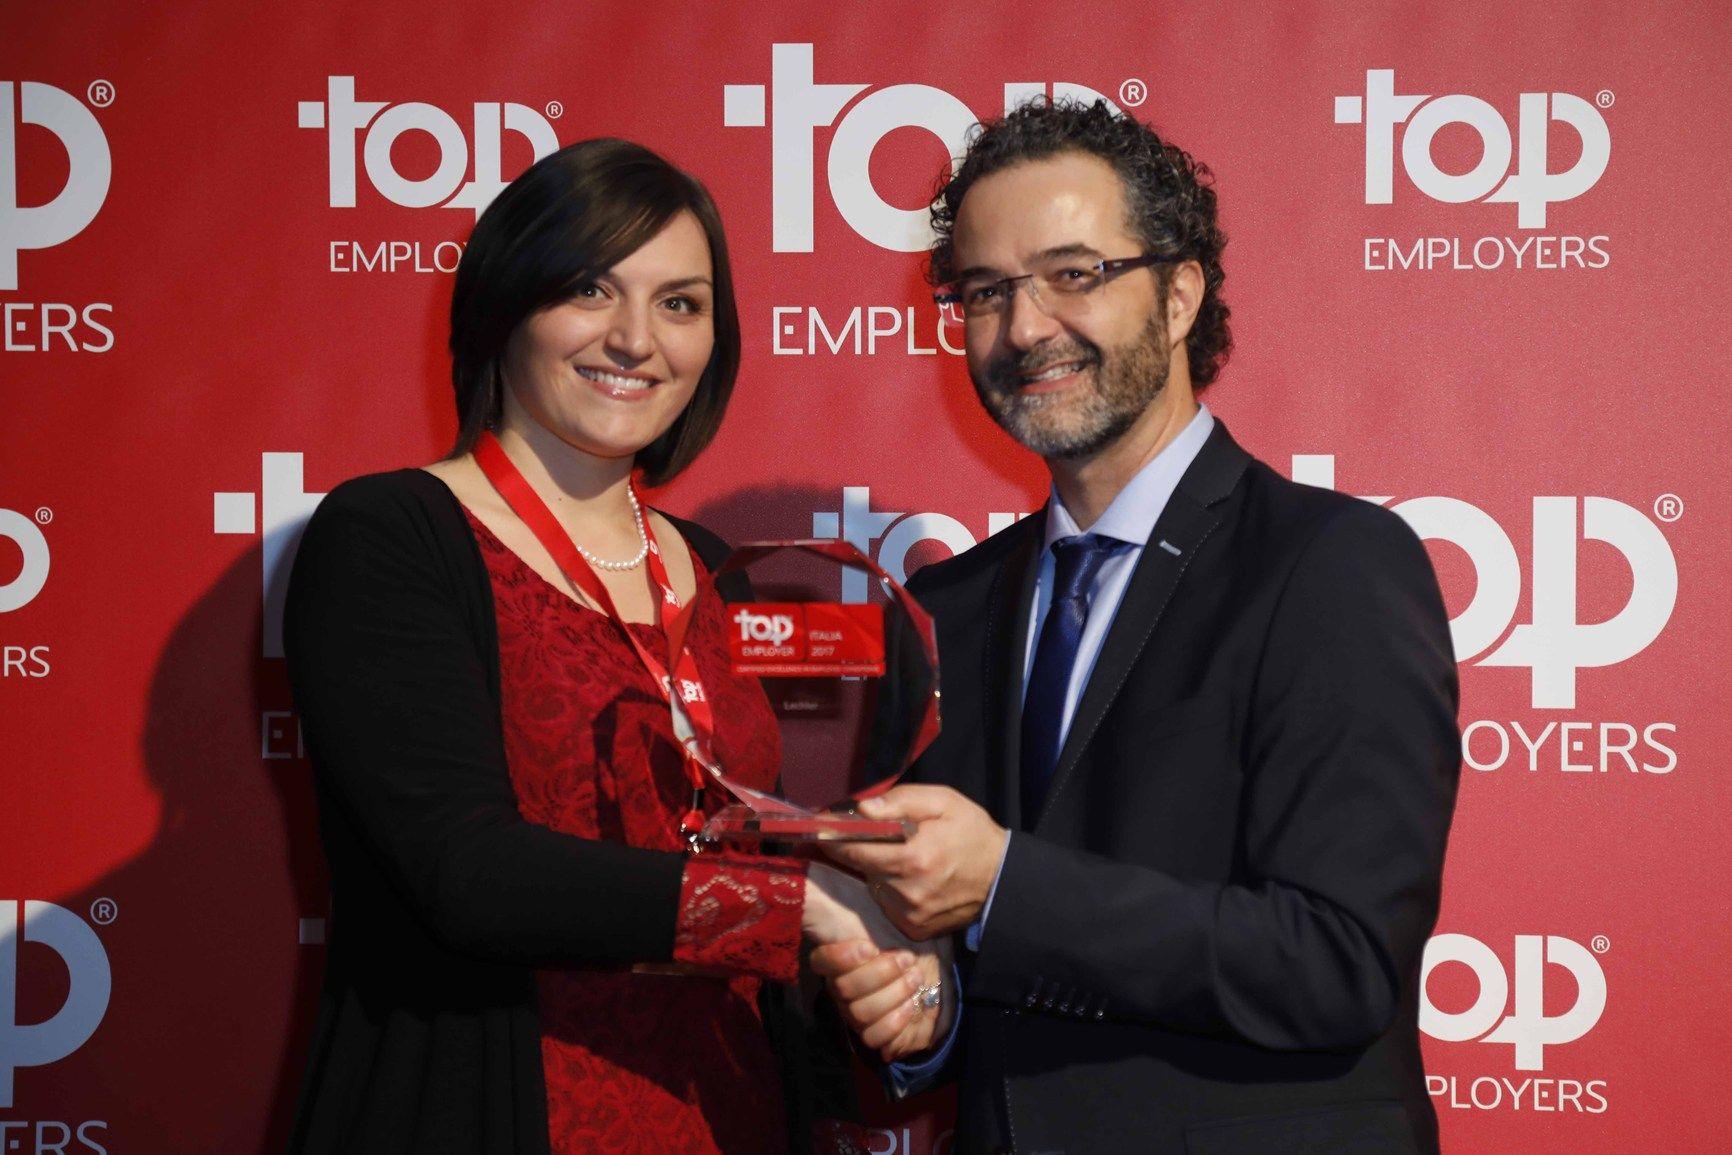 Top Employers 2017: per il terzo anno consecutivo Lechler consegue l'ambito certificato